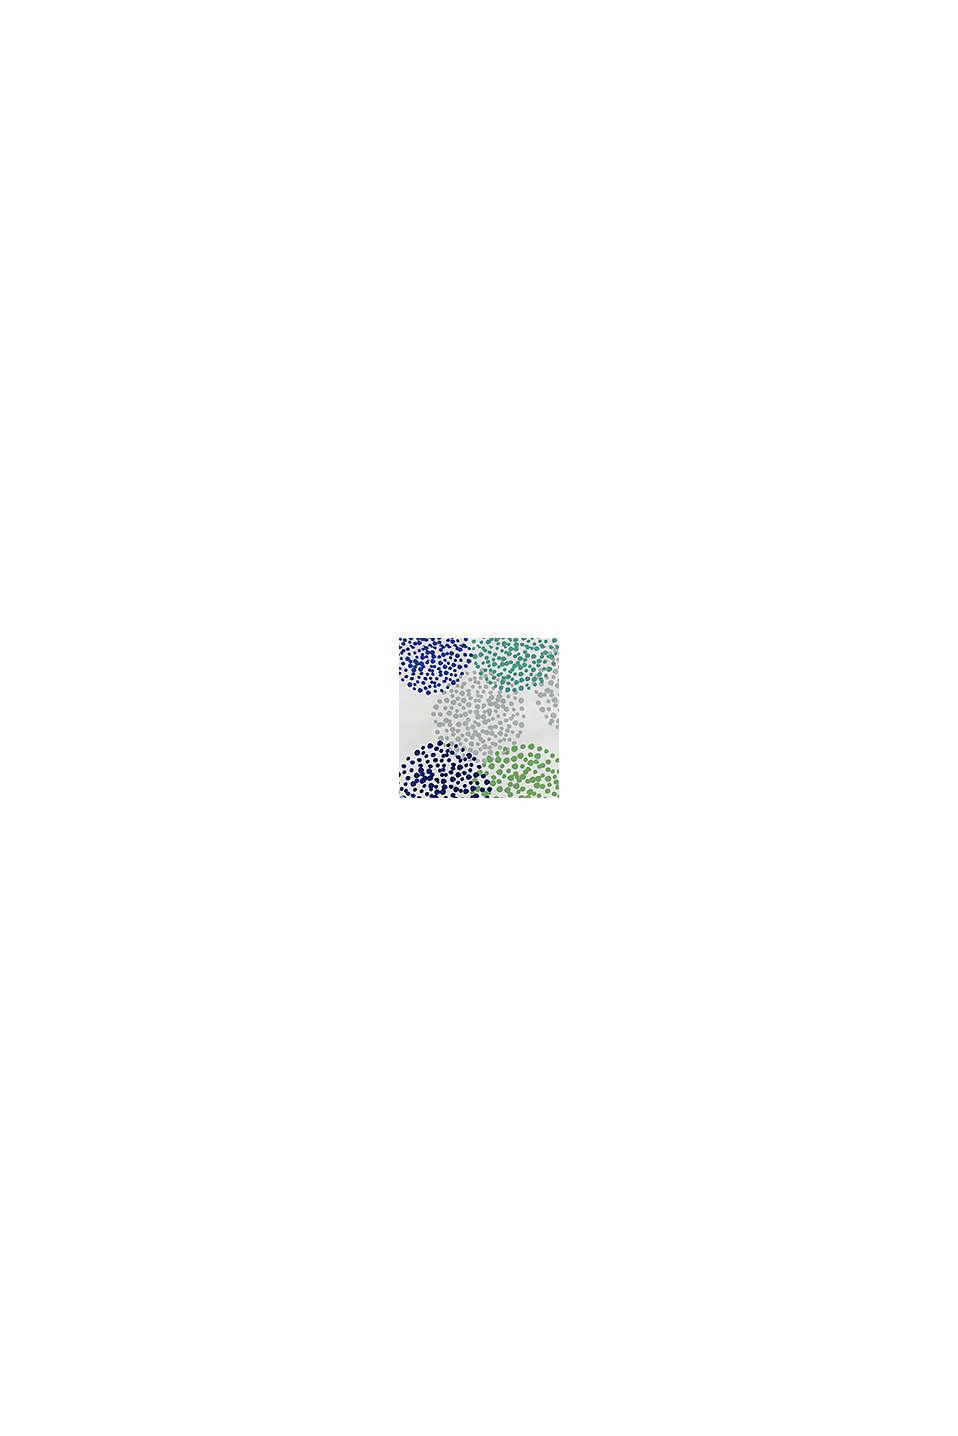 Gemusterte Bettwäsche aus Baumwoll-Satin, BLUE-GREEN, swatch